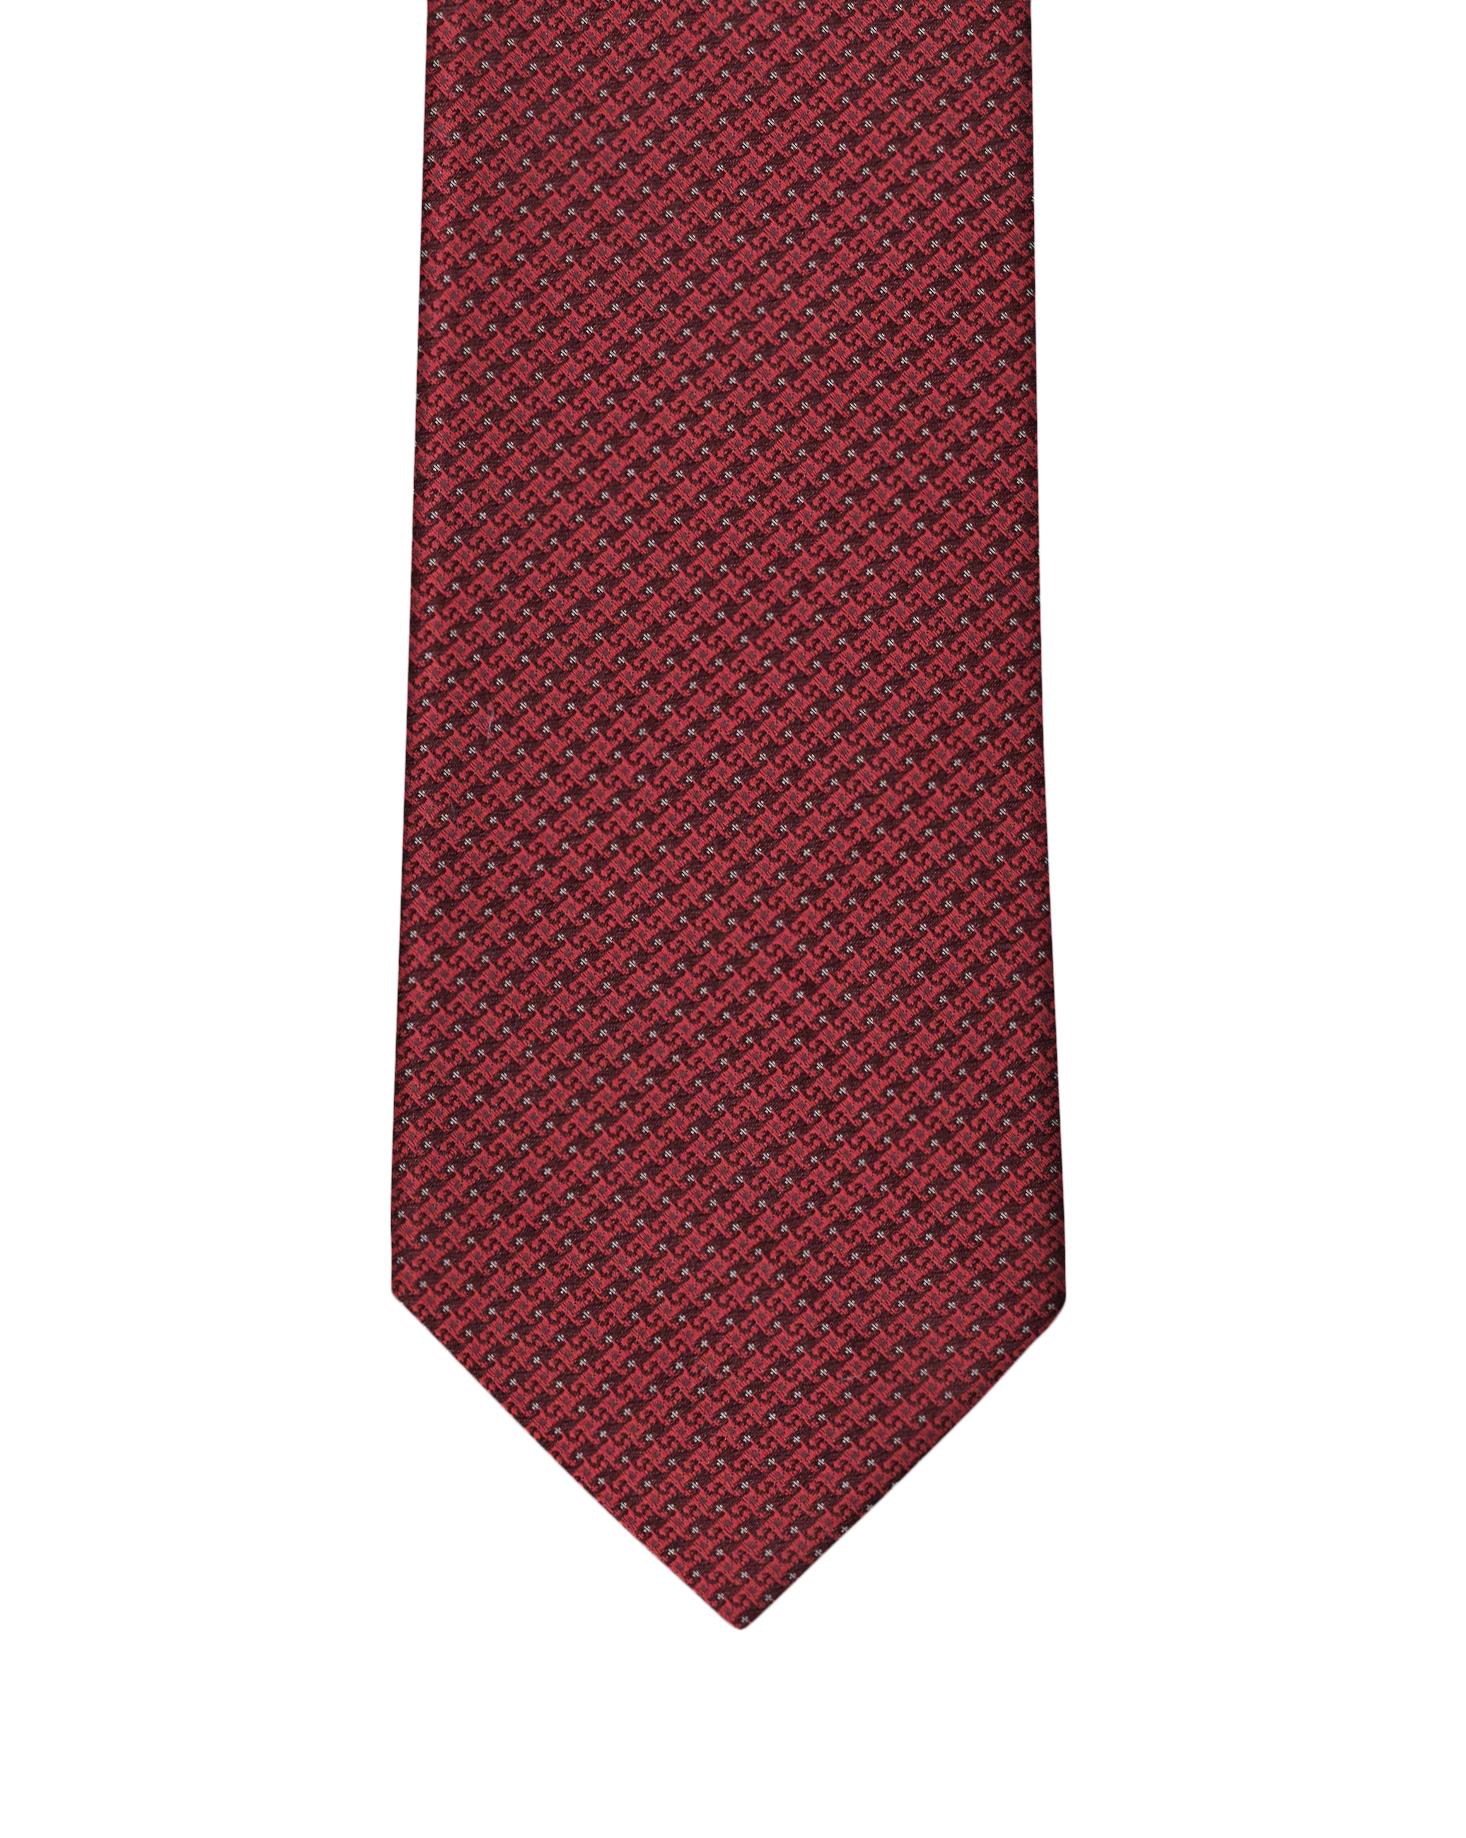 Burgundy & Red Micro Motif Necktie